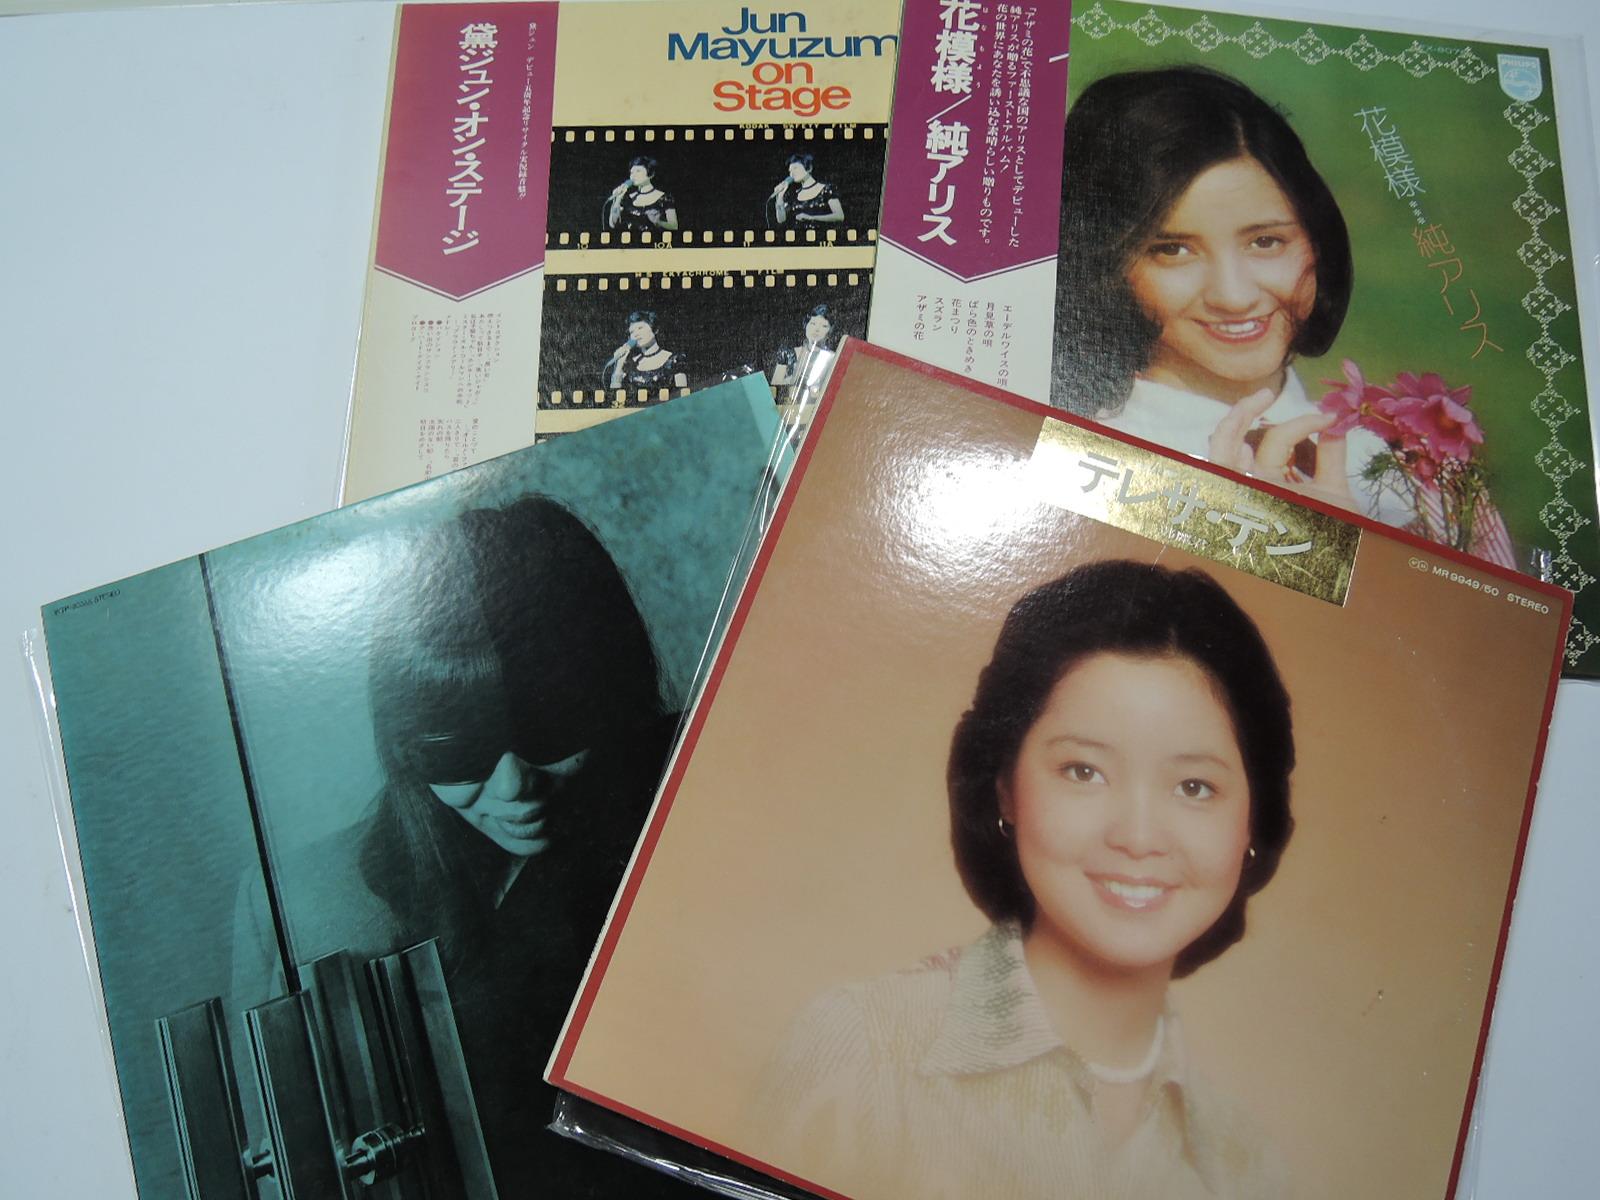 テレサ・テンなど歌謡曲のレコードを買取